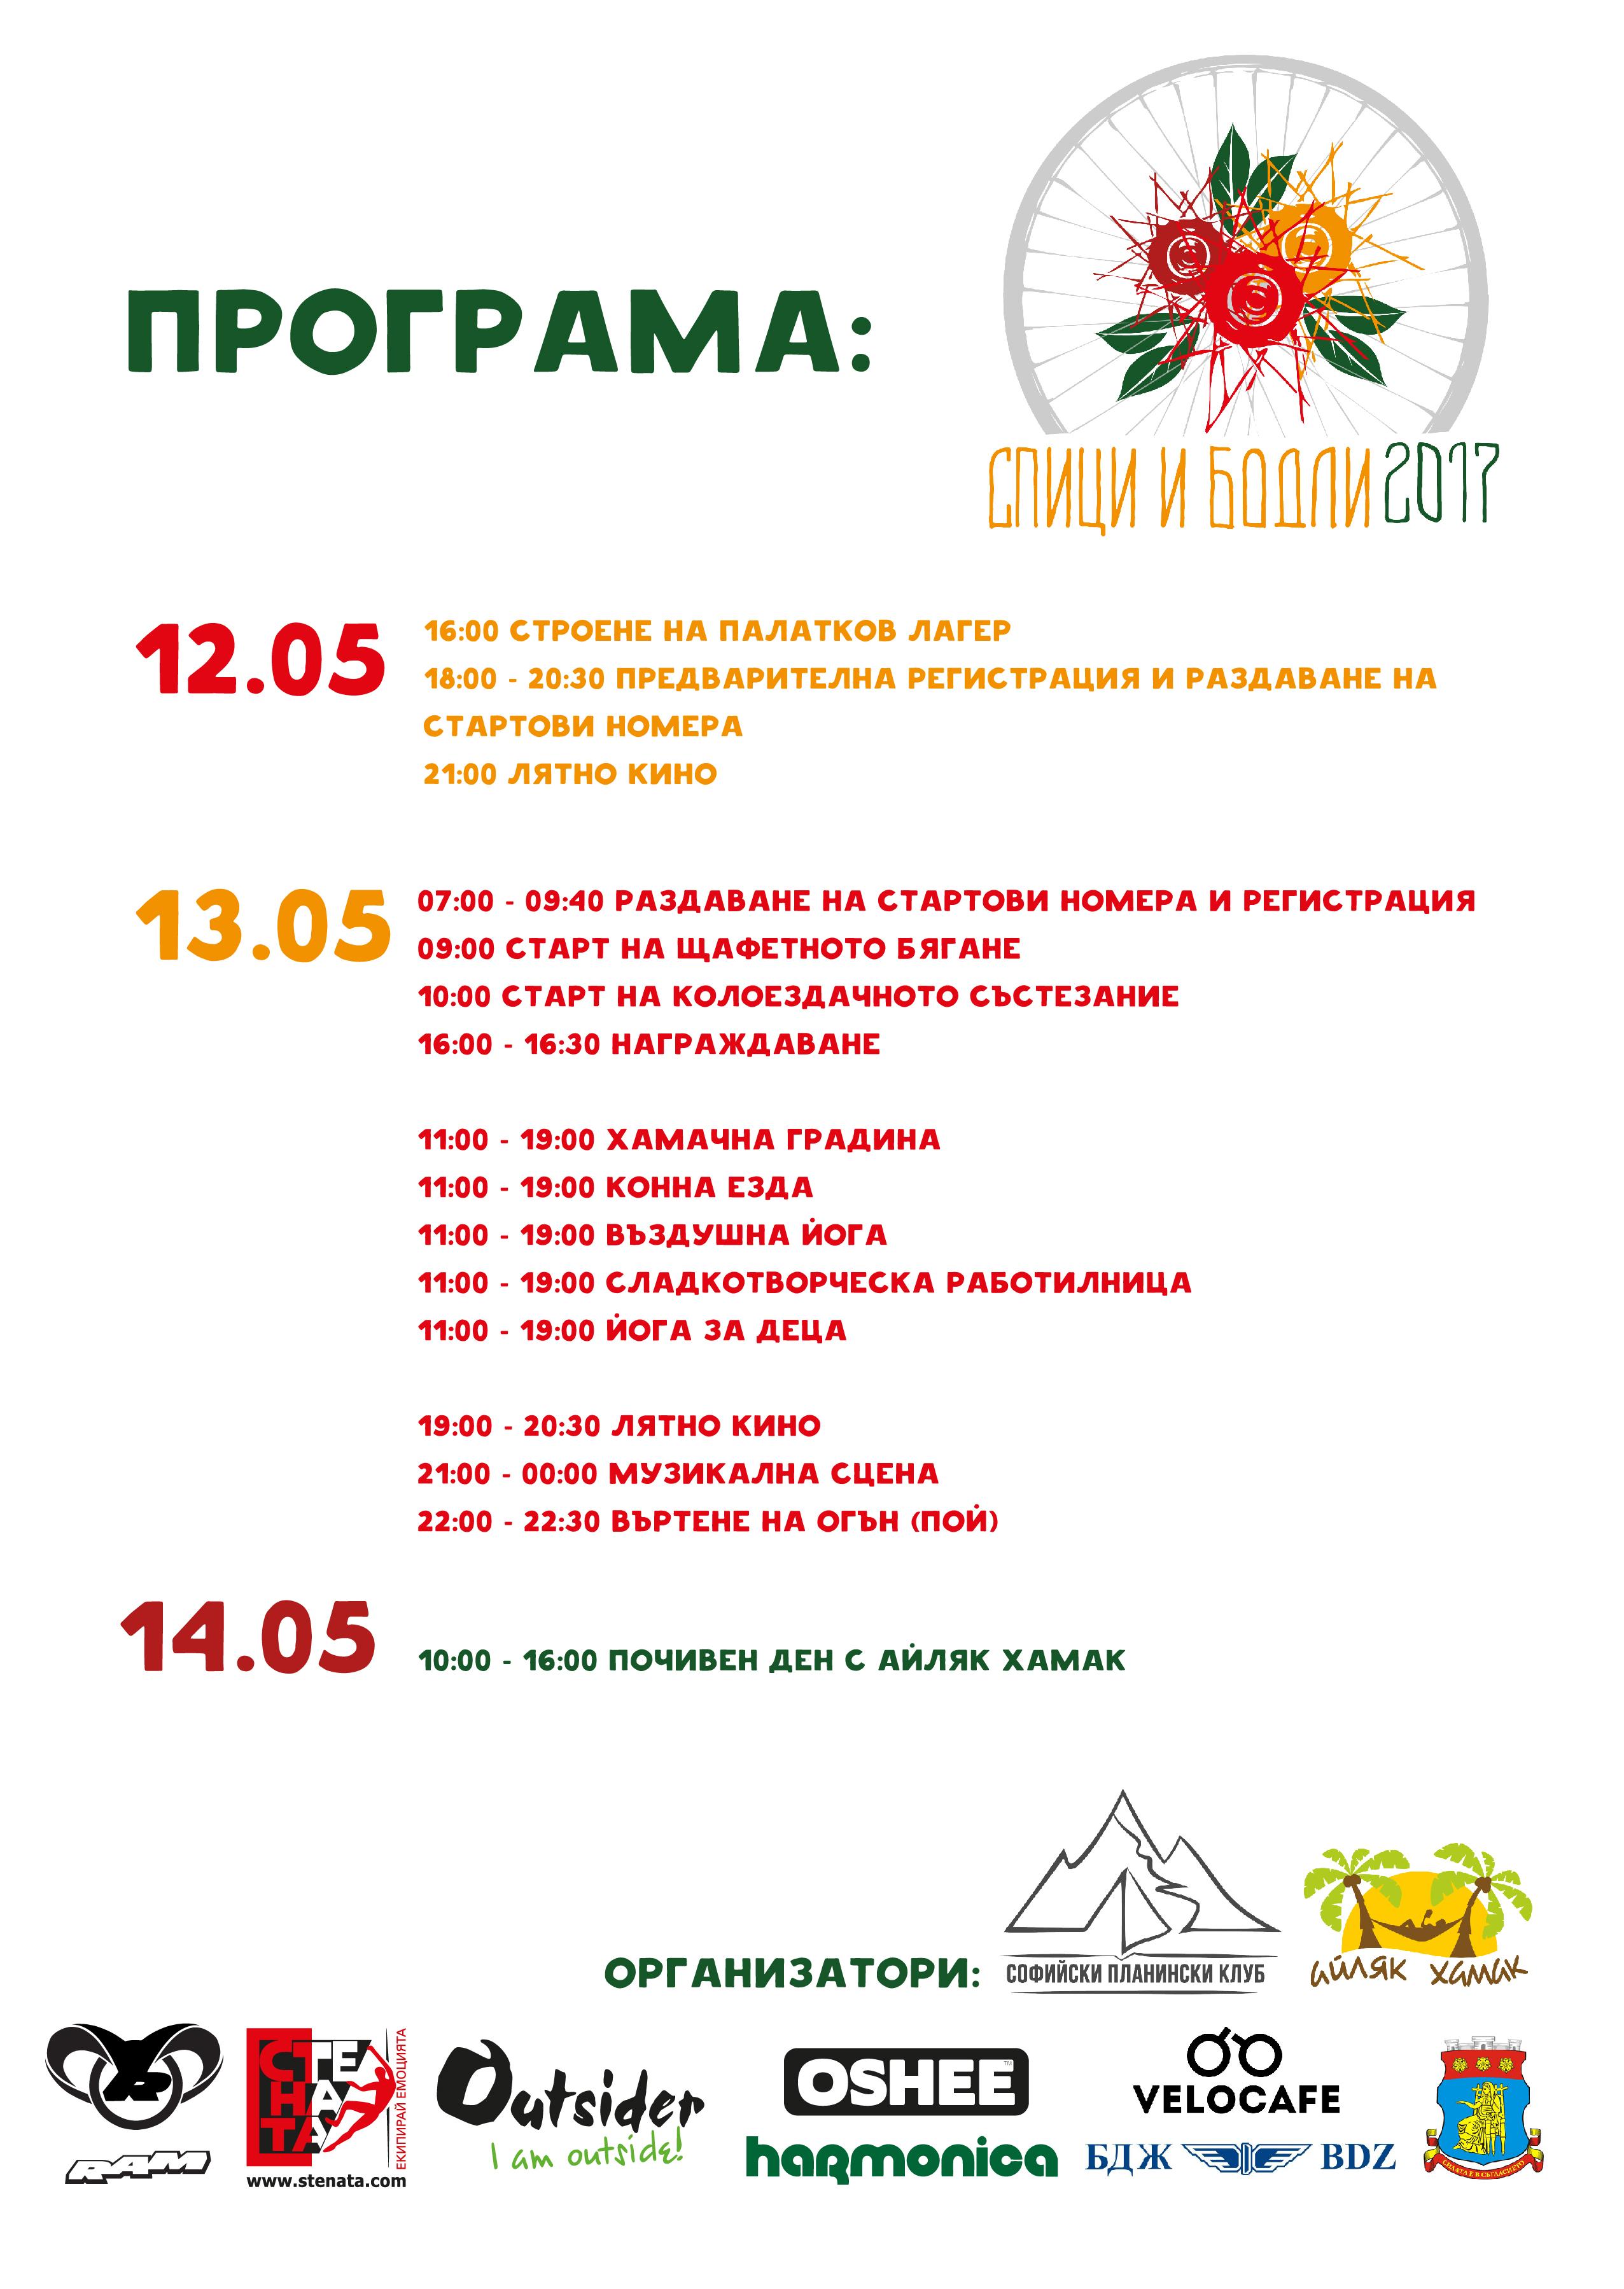 """Второто издание на състезанието """"Спици и бодли"""" ще се проведе на 13-ти май 2017 г."""